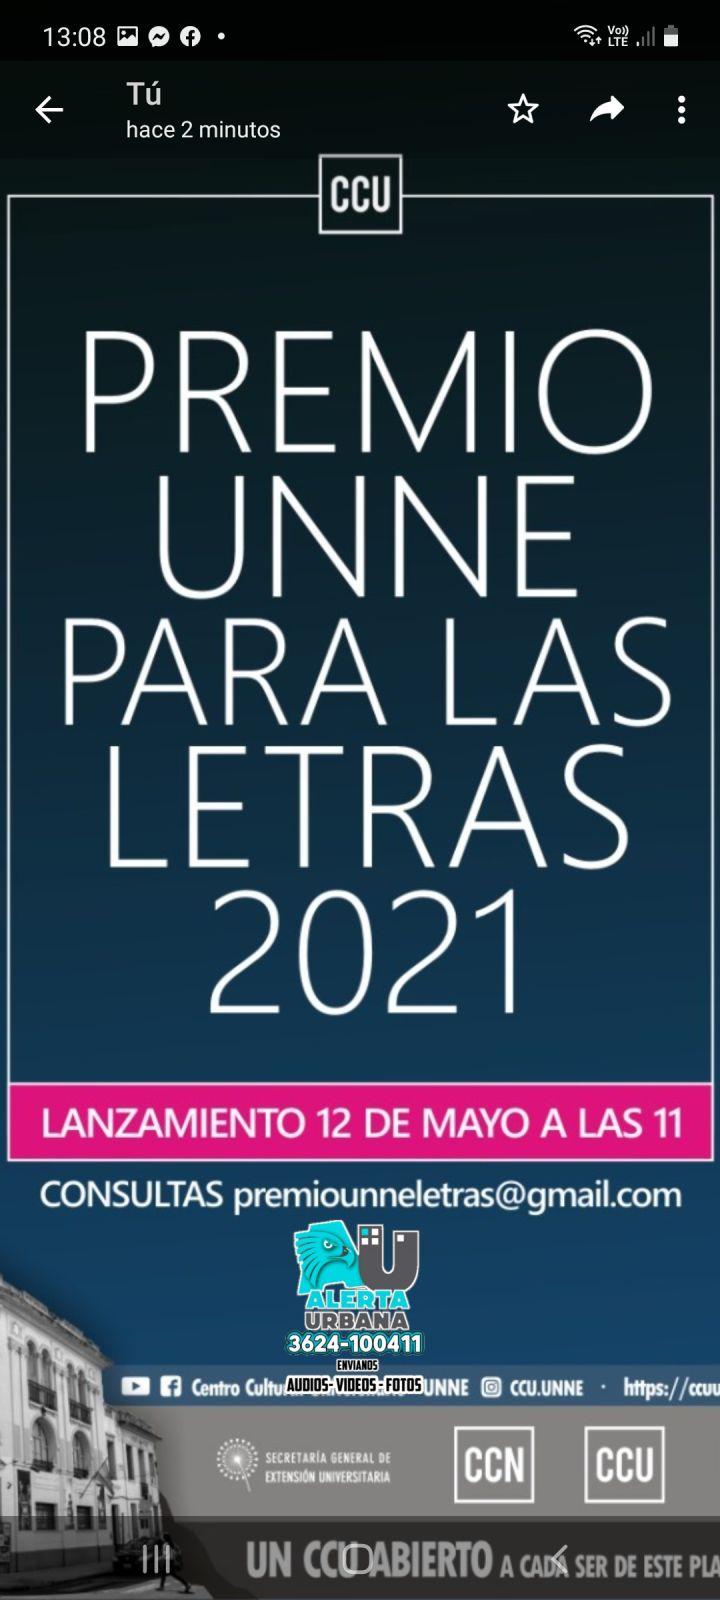 Lanzamiento Premio UNNE para las letras 2021